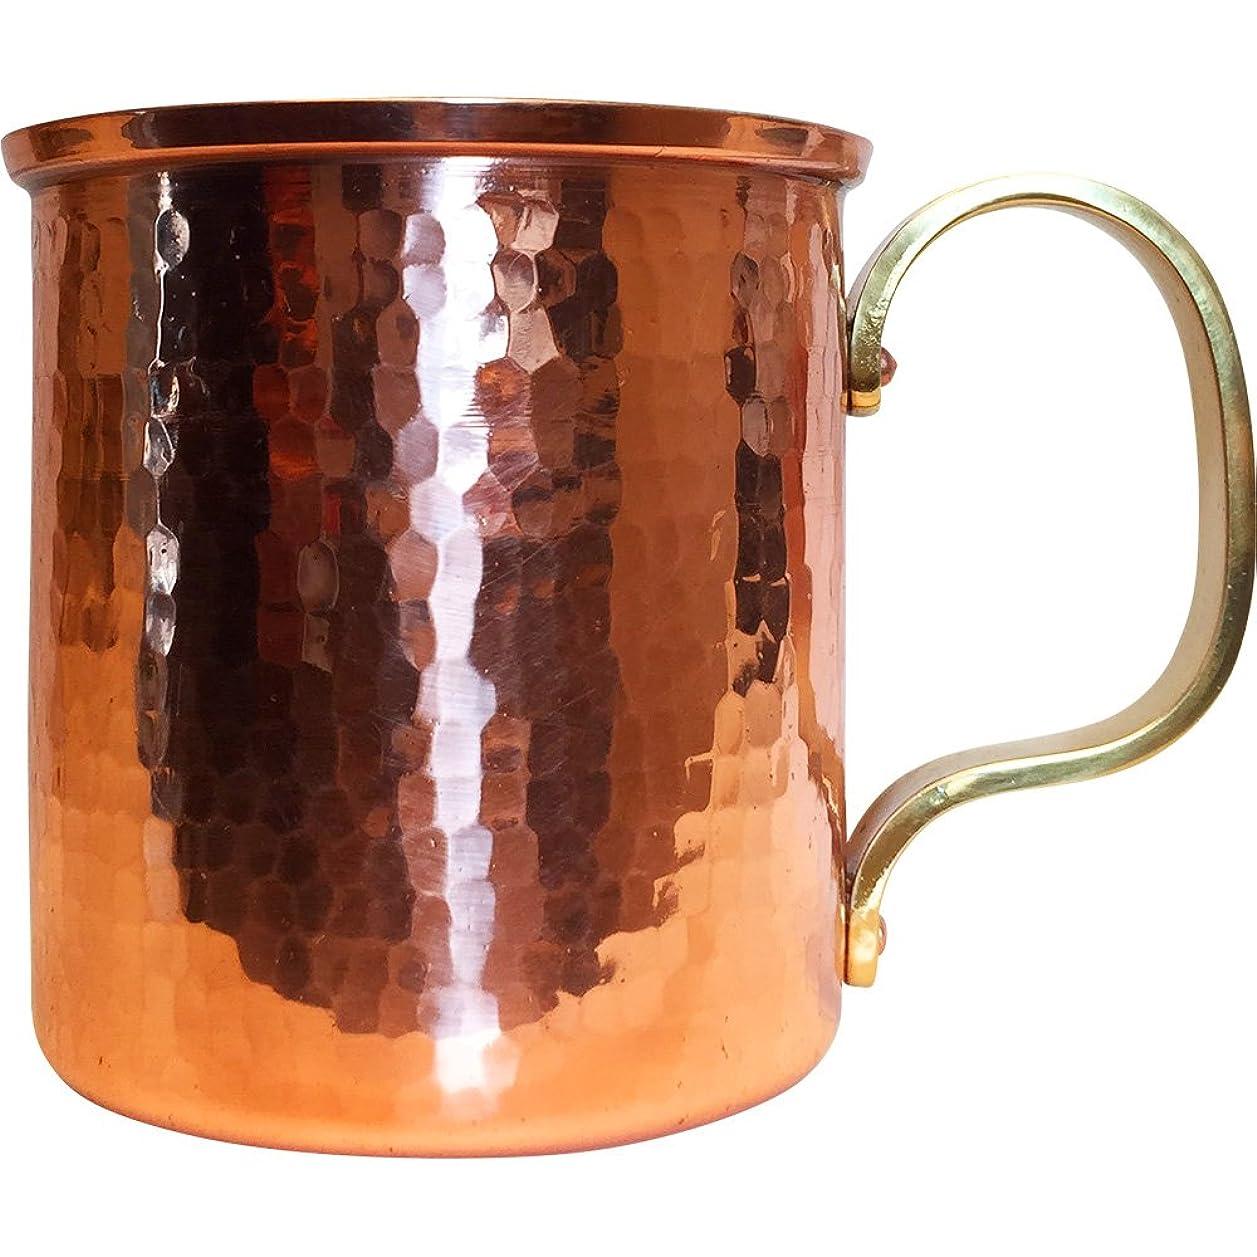 シーサイド没頭する加速度浅草 銅銀銅器店 純銅製 マグカップ 300cc 職人歴40年の星野さんが作る銅製のコップ